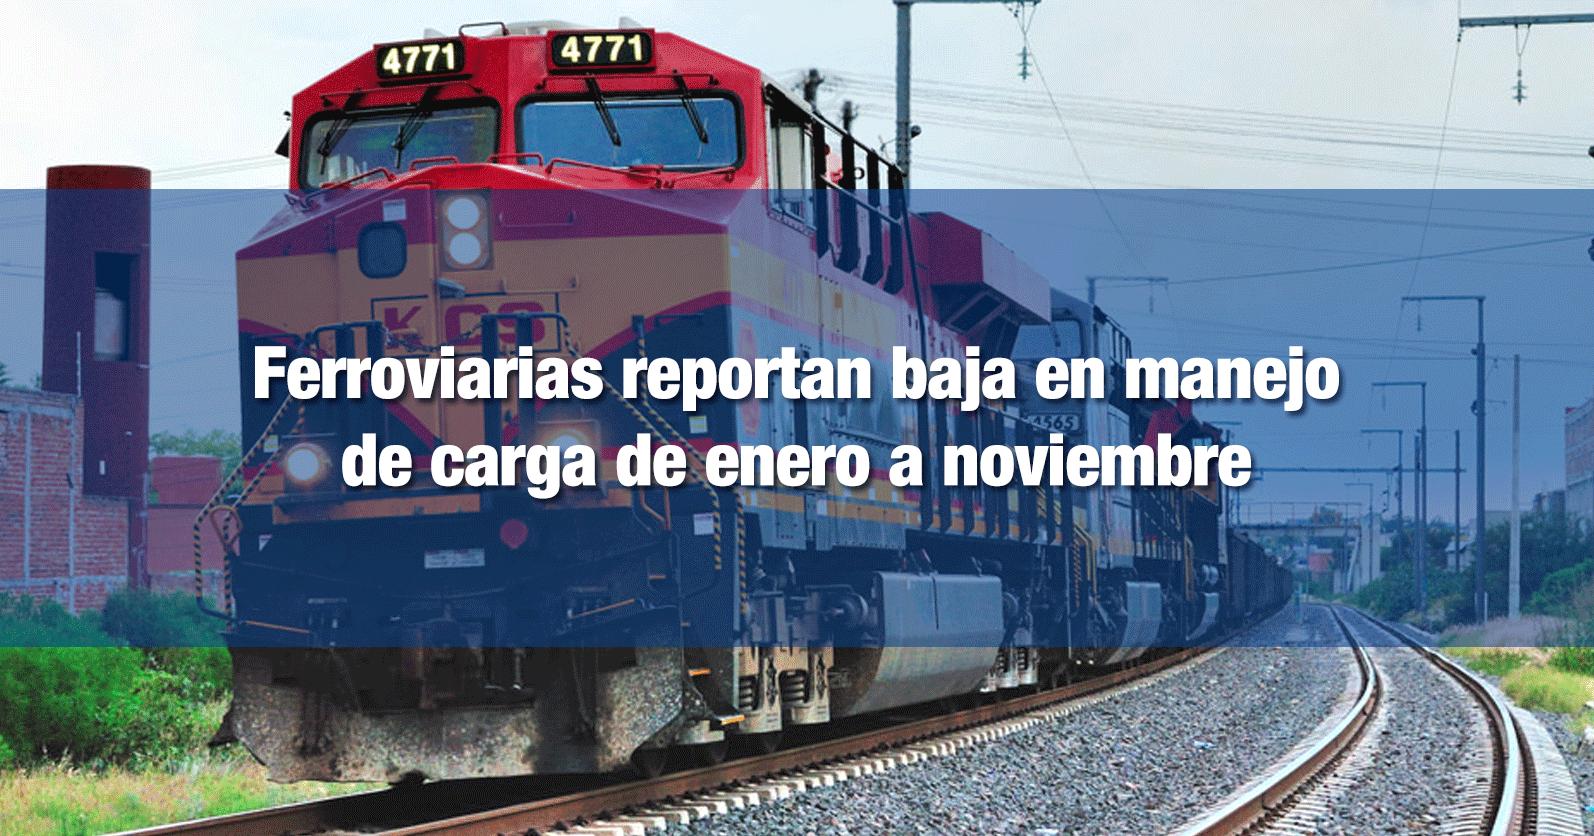 Ferroviarias reportan baja en manejo de carga de enero a noviembre